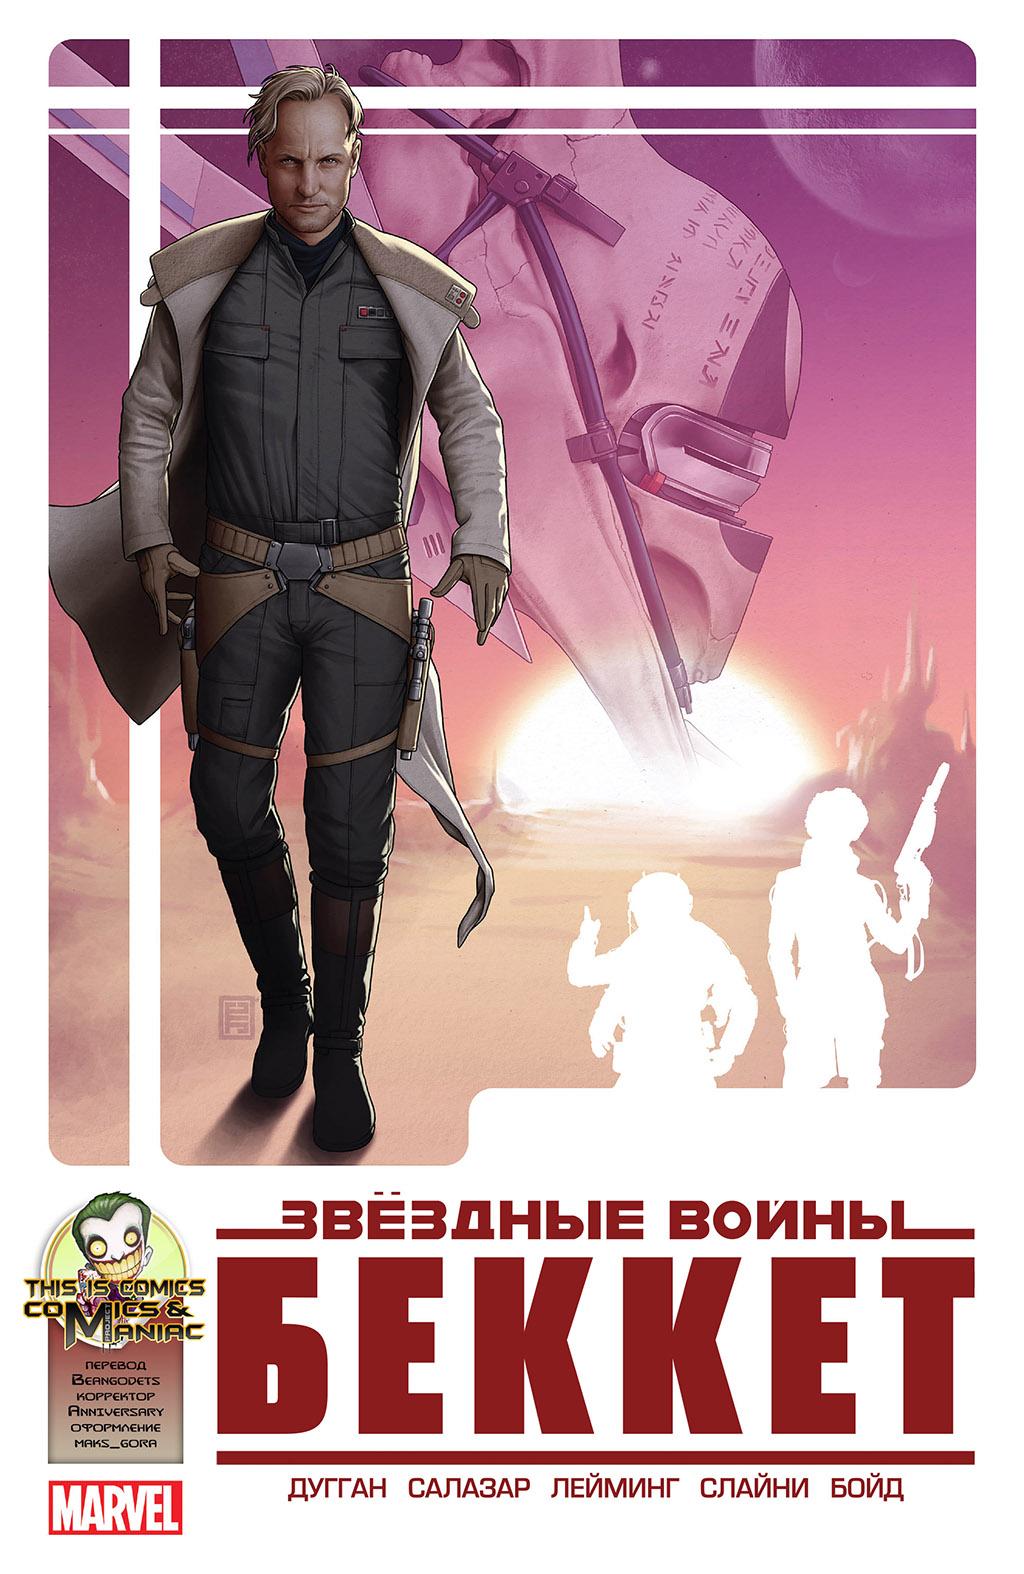 Комикс Звёздные войны - Бекетт